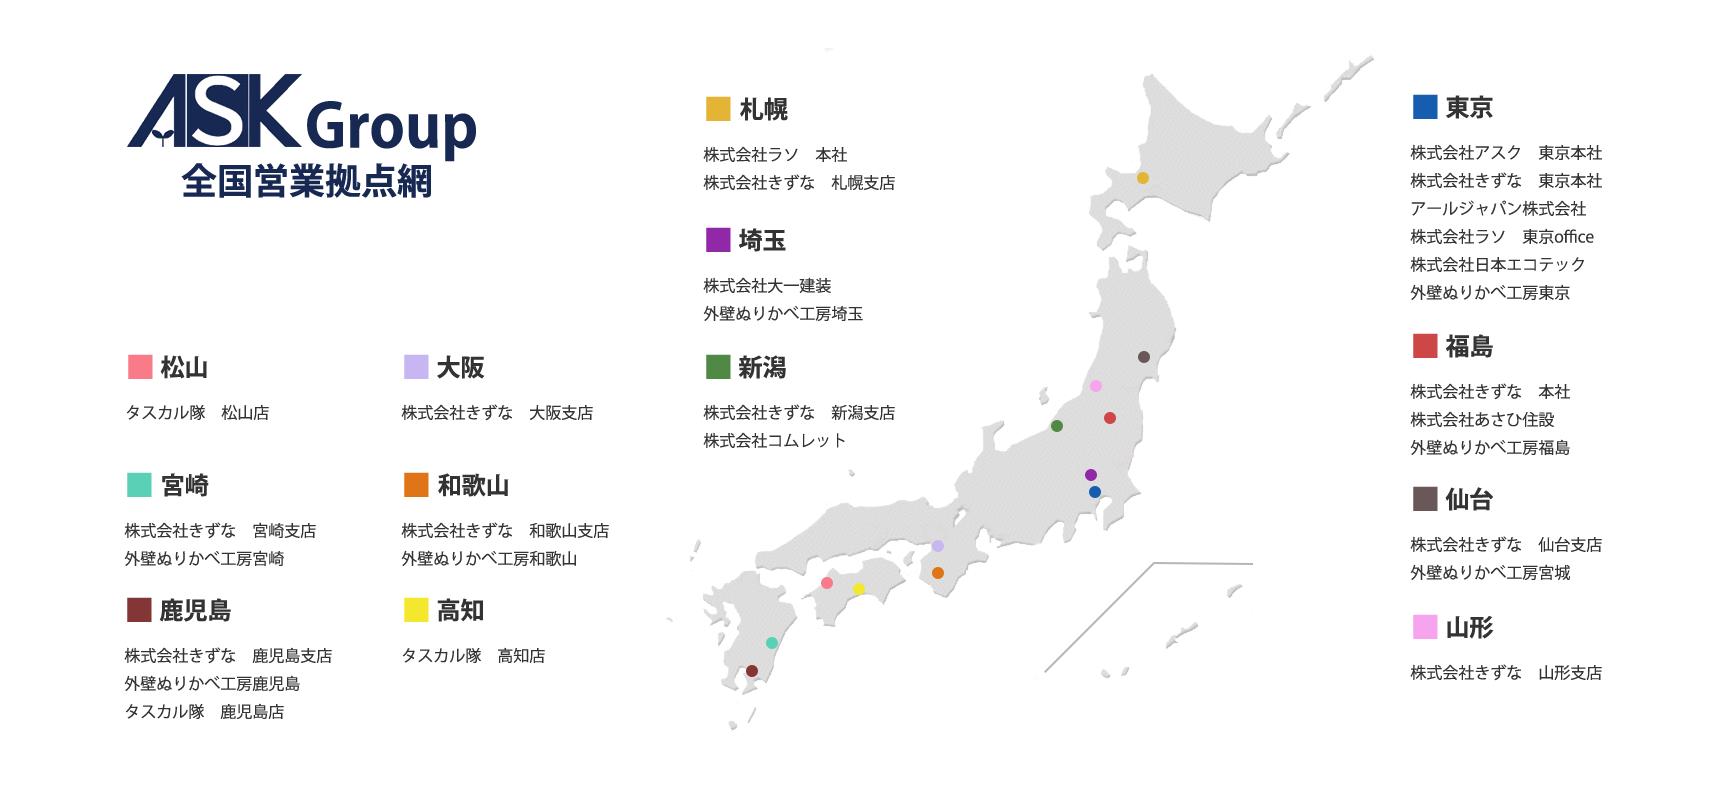 営業拠点マップ